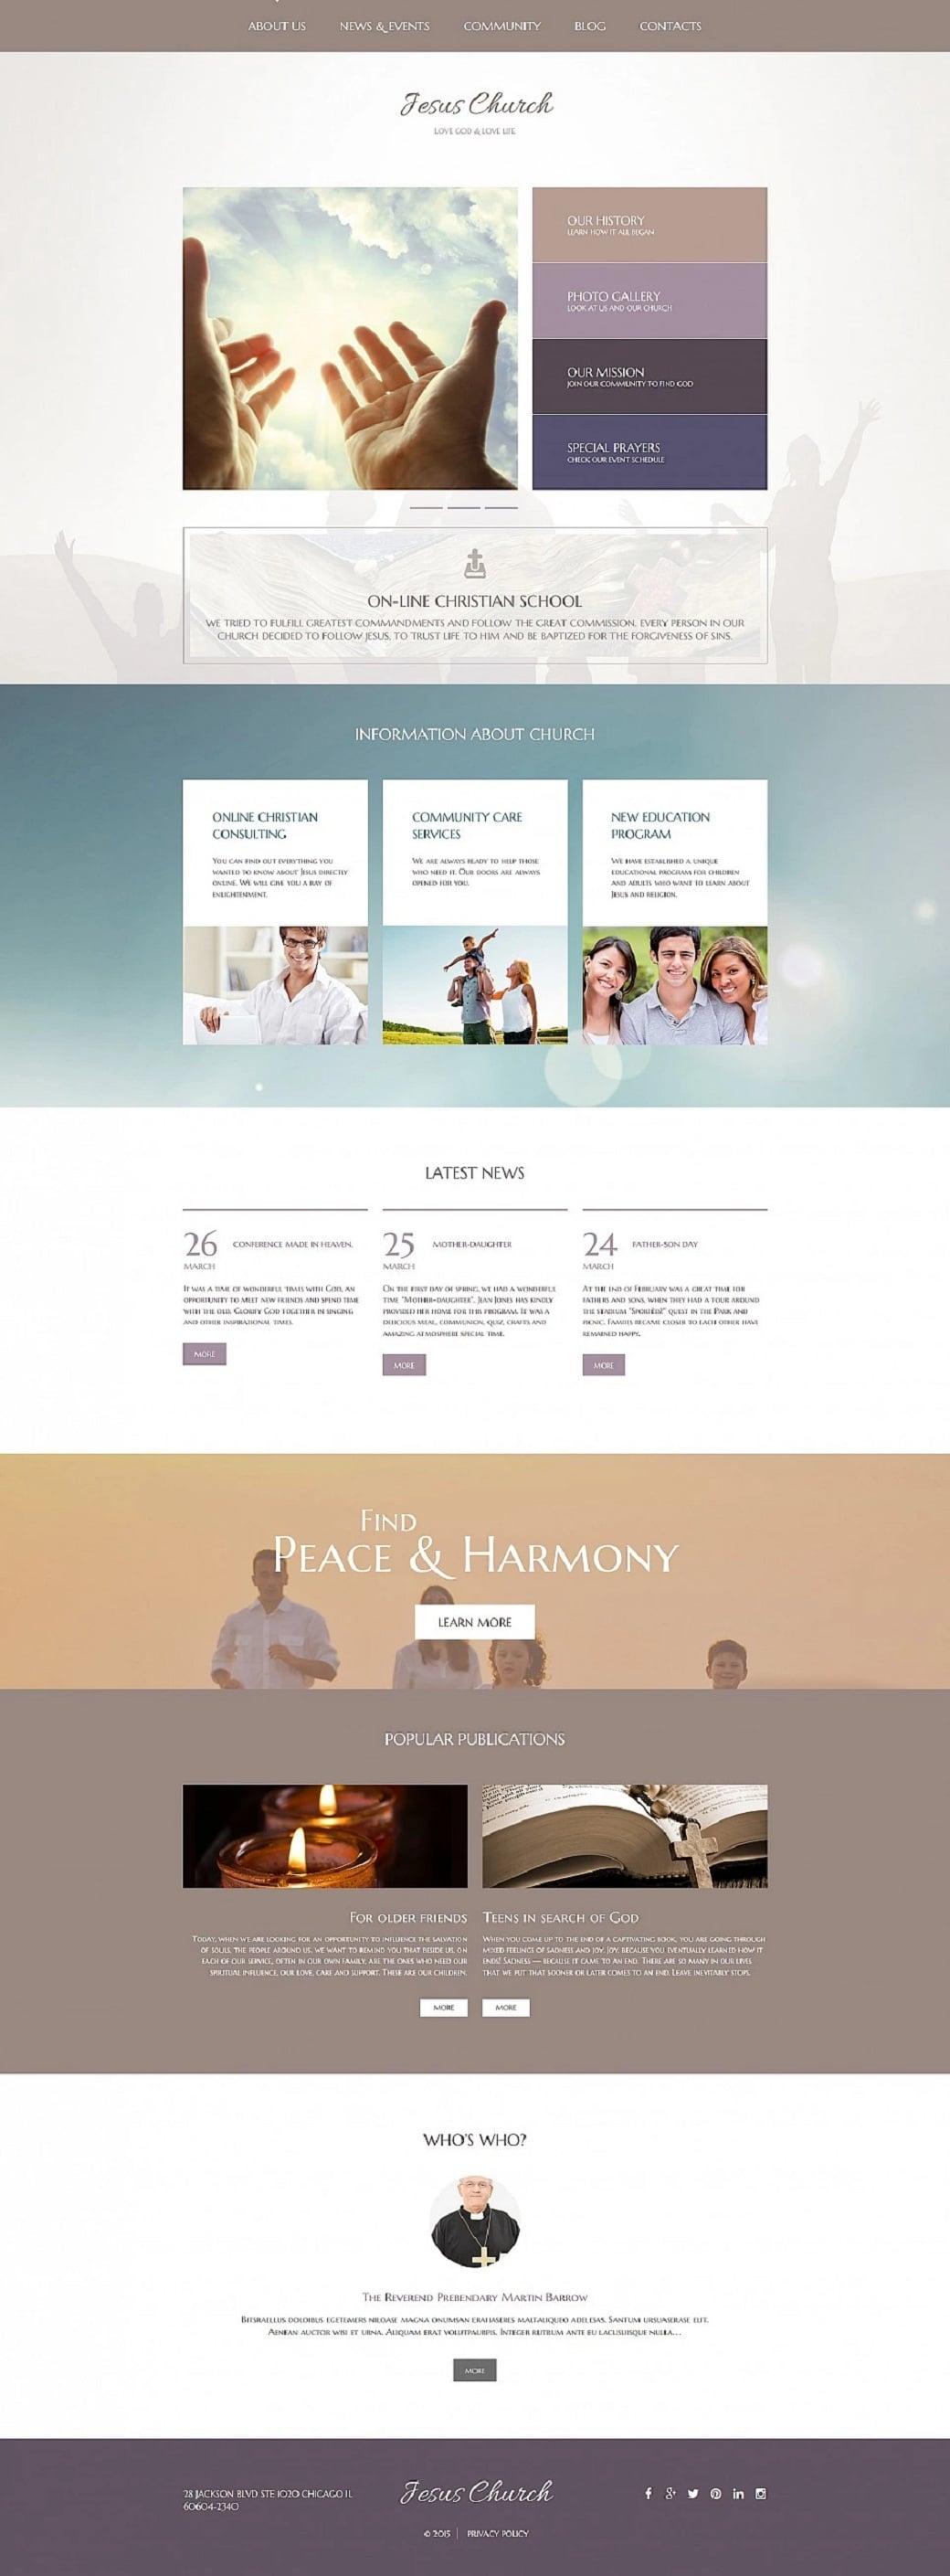 How to make a religious website - Jesus Church